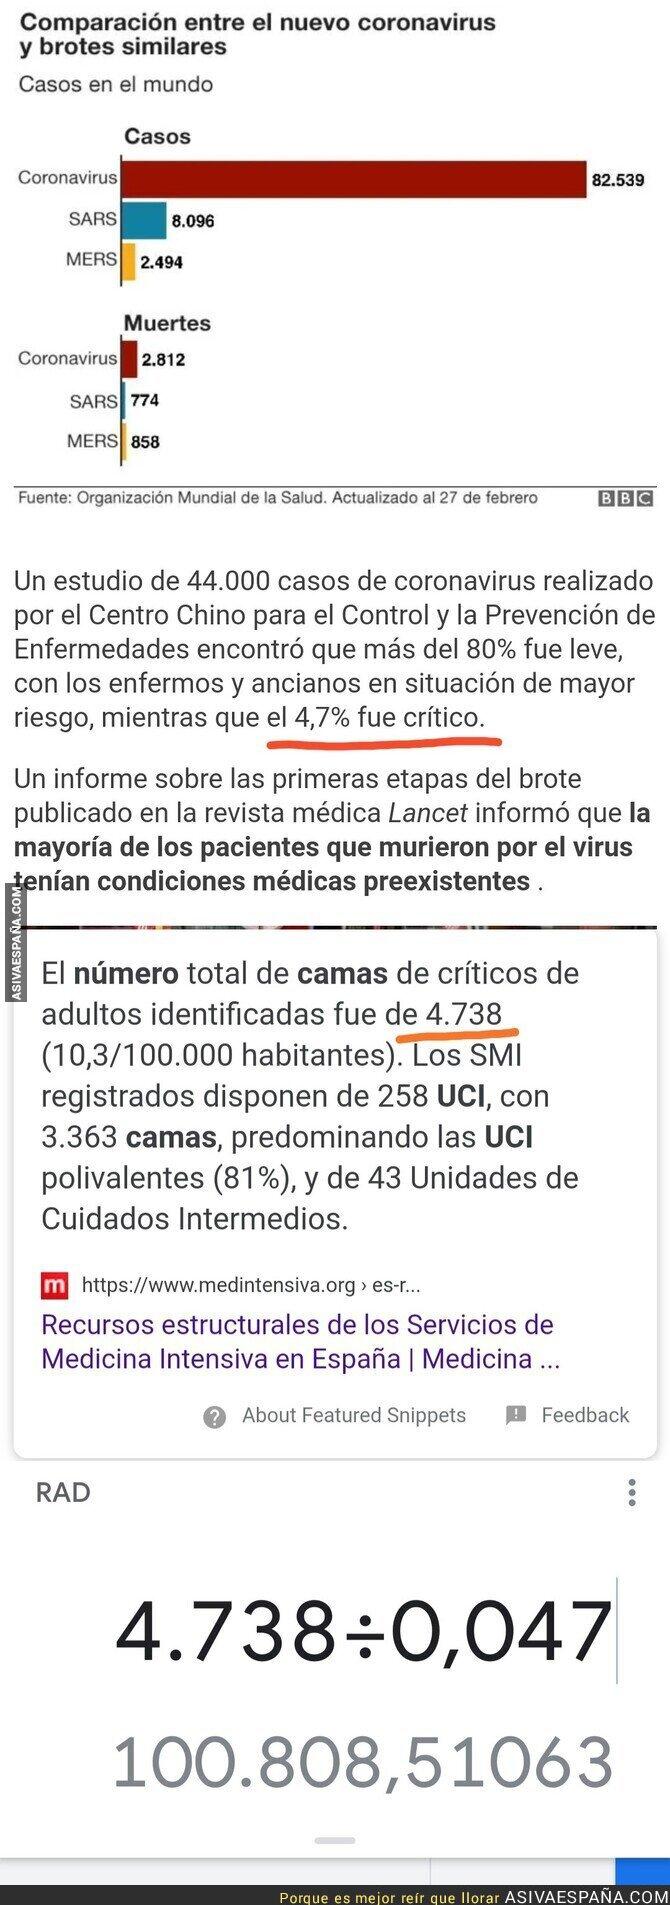 136850 - 100k Casos para colapsar el S.S. Español. Italia +2k. China 80k con medidas hiperrestrictivas. Crecimiento exponencial.